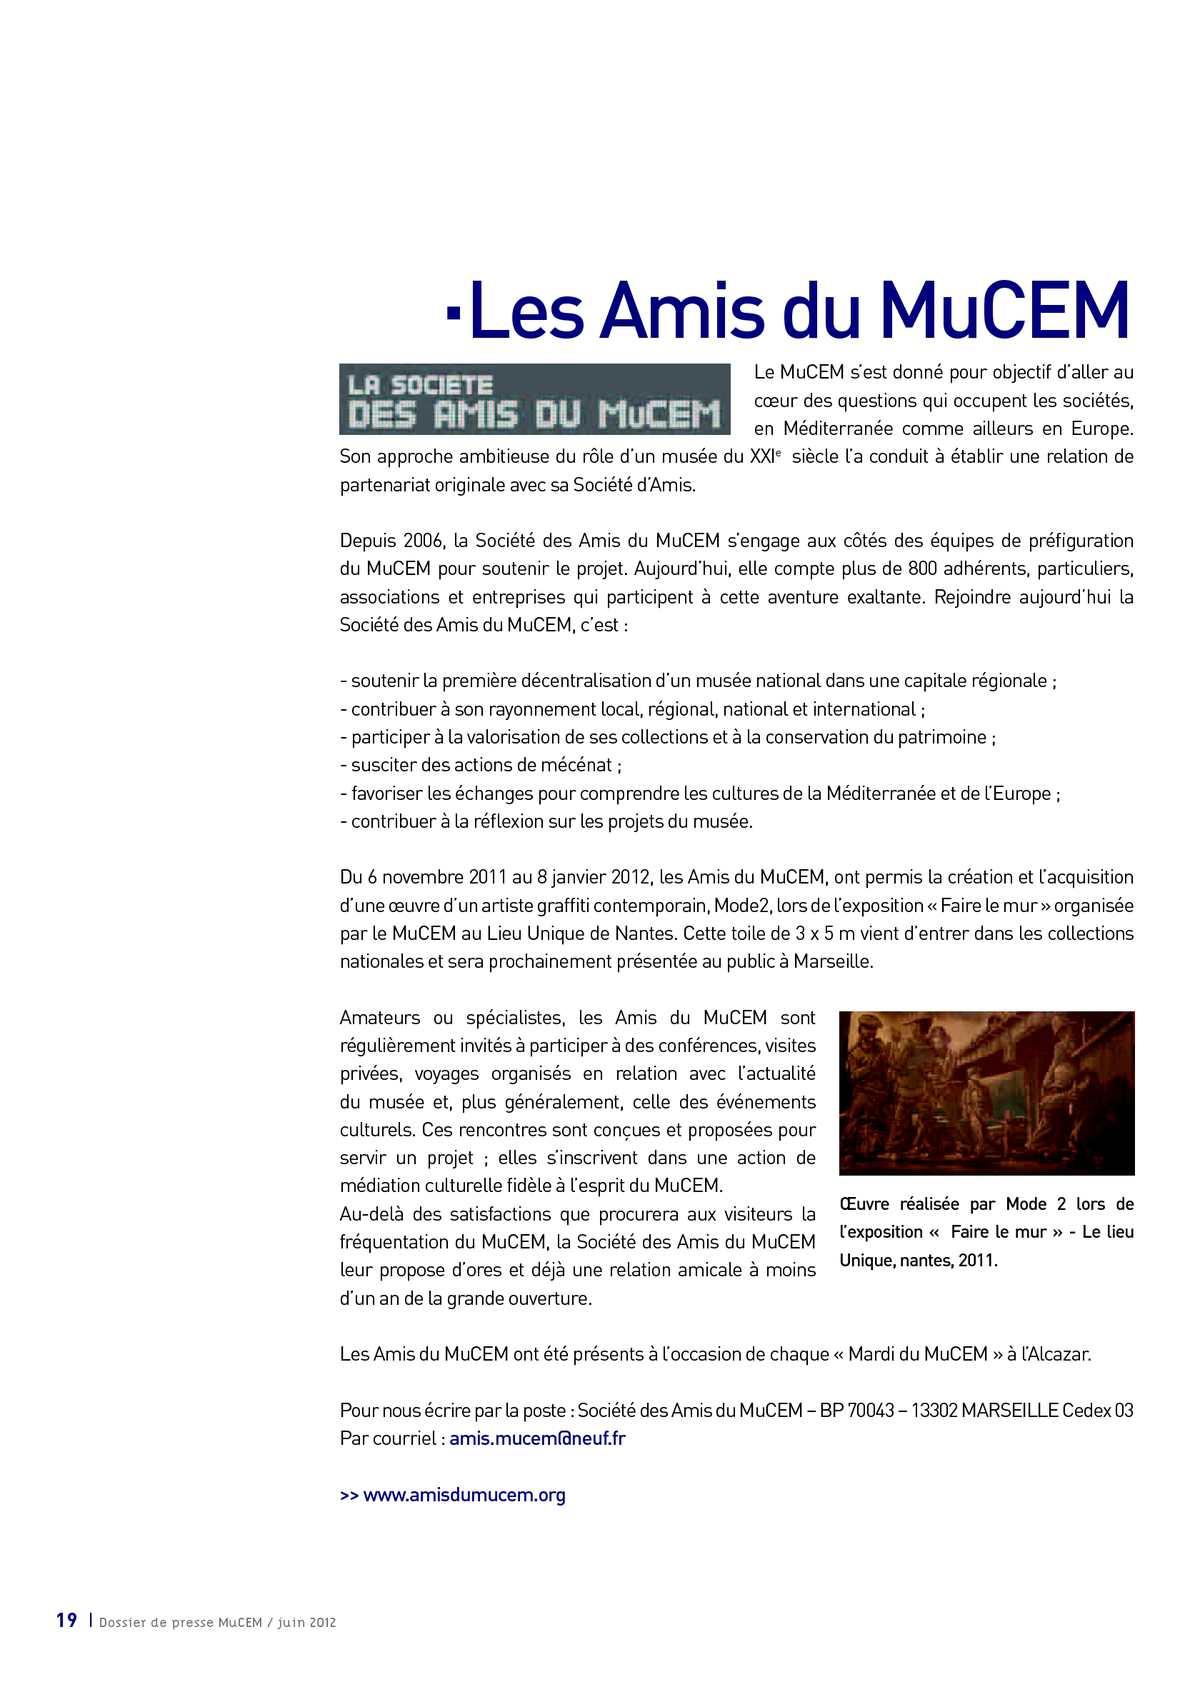 Dossier De Presse Mucem Calameo Downloader